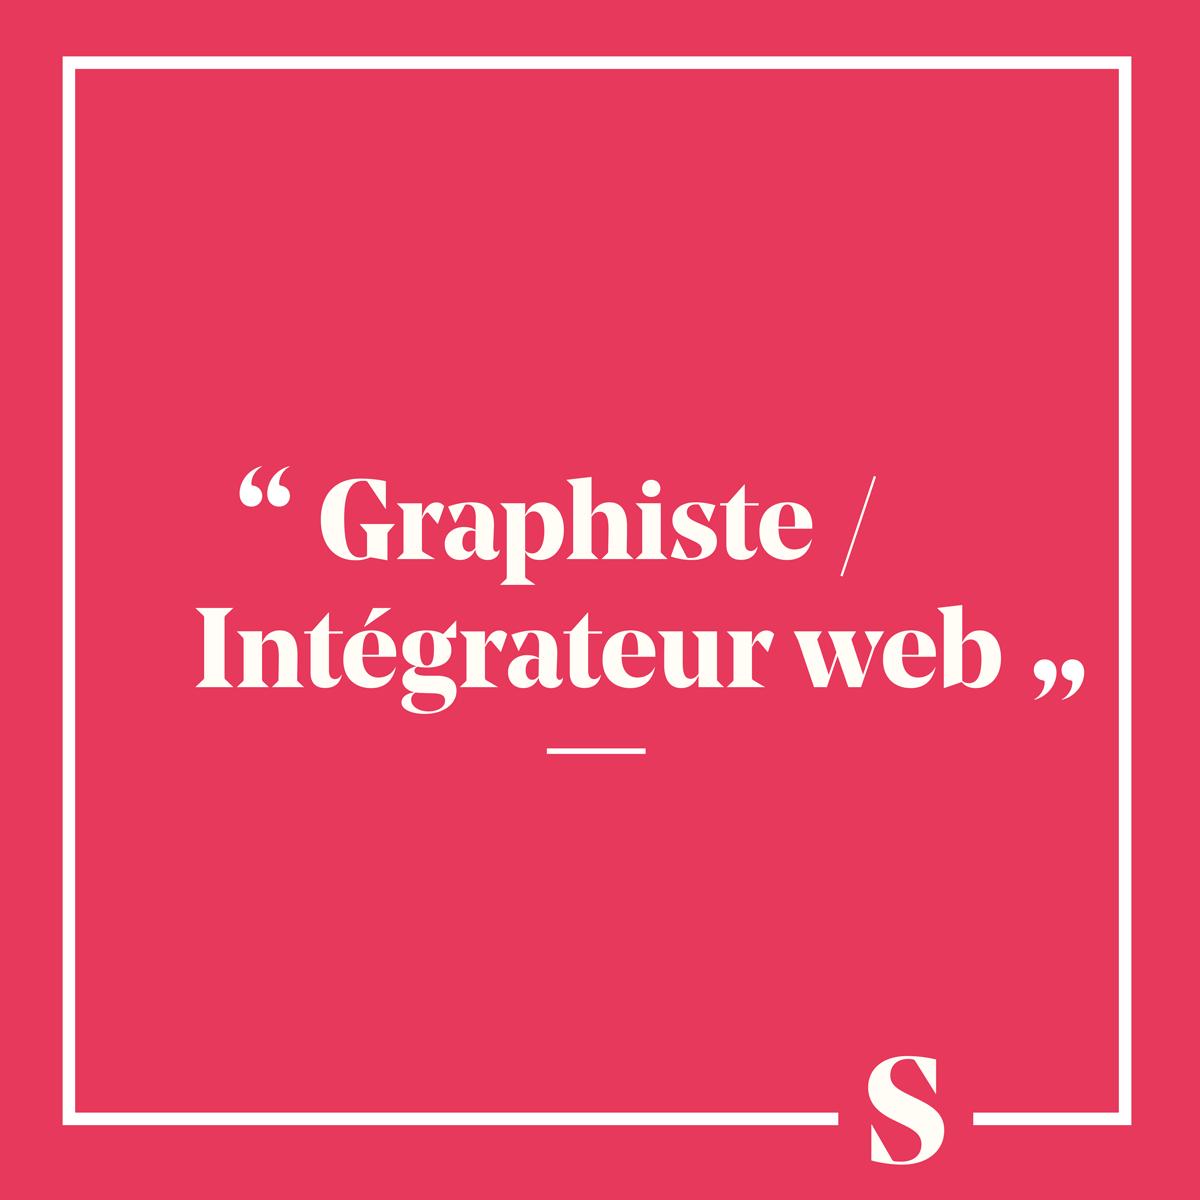 Graphiste / Intégrateur Web